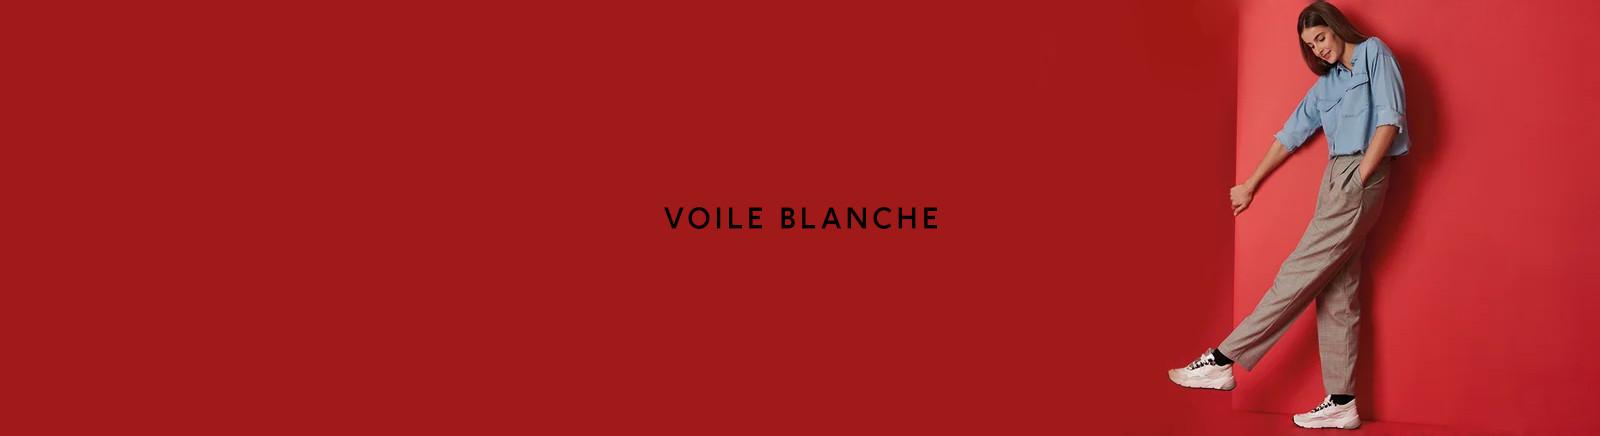 Voile Blanche Markenschuhe online entdecken im Juppen Shop